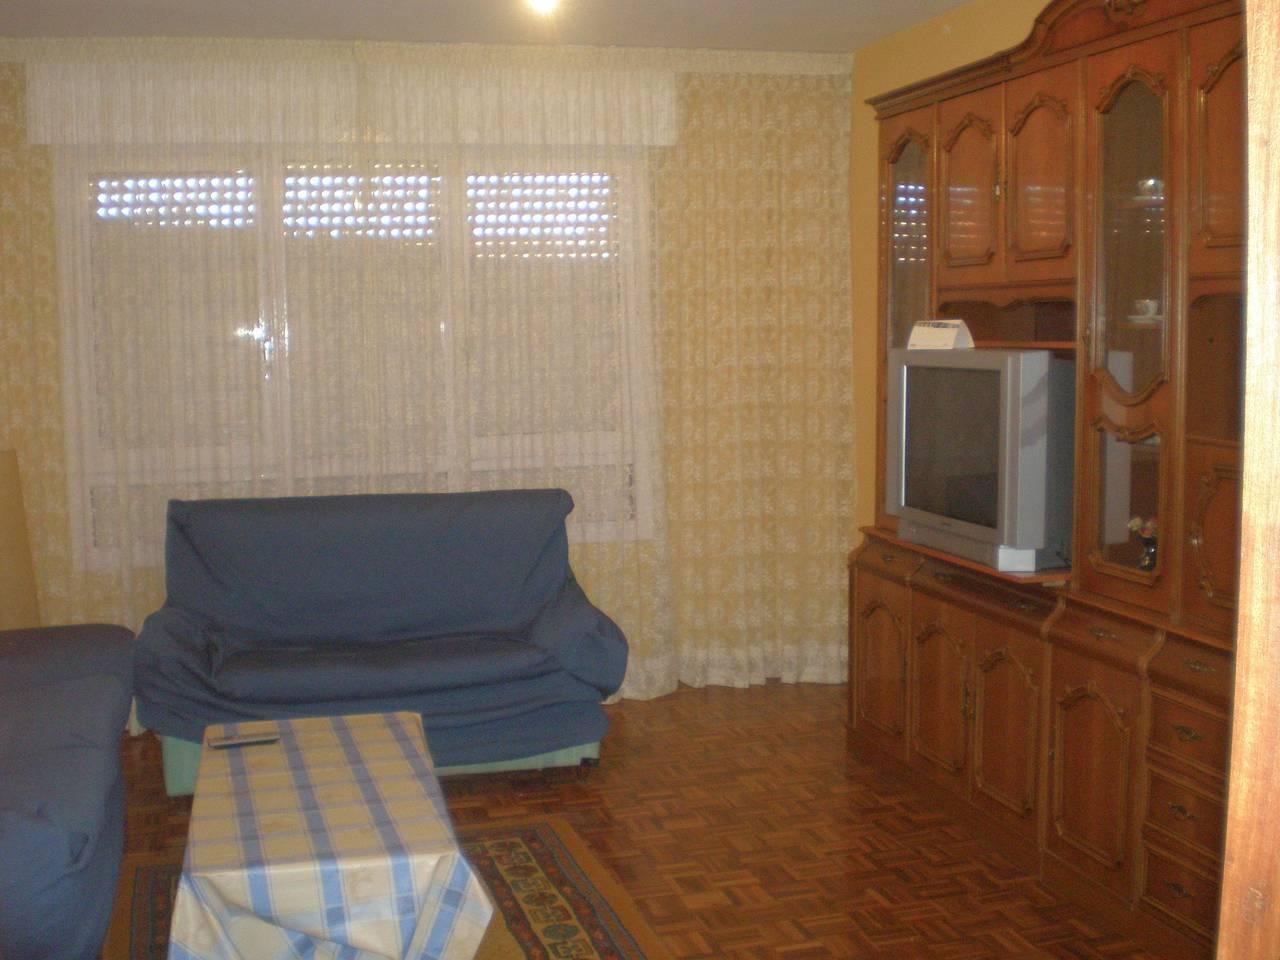 en soria se alquilan una habitacion en piso compartido  - Foto 12